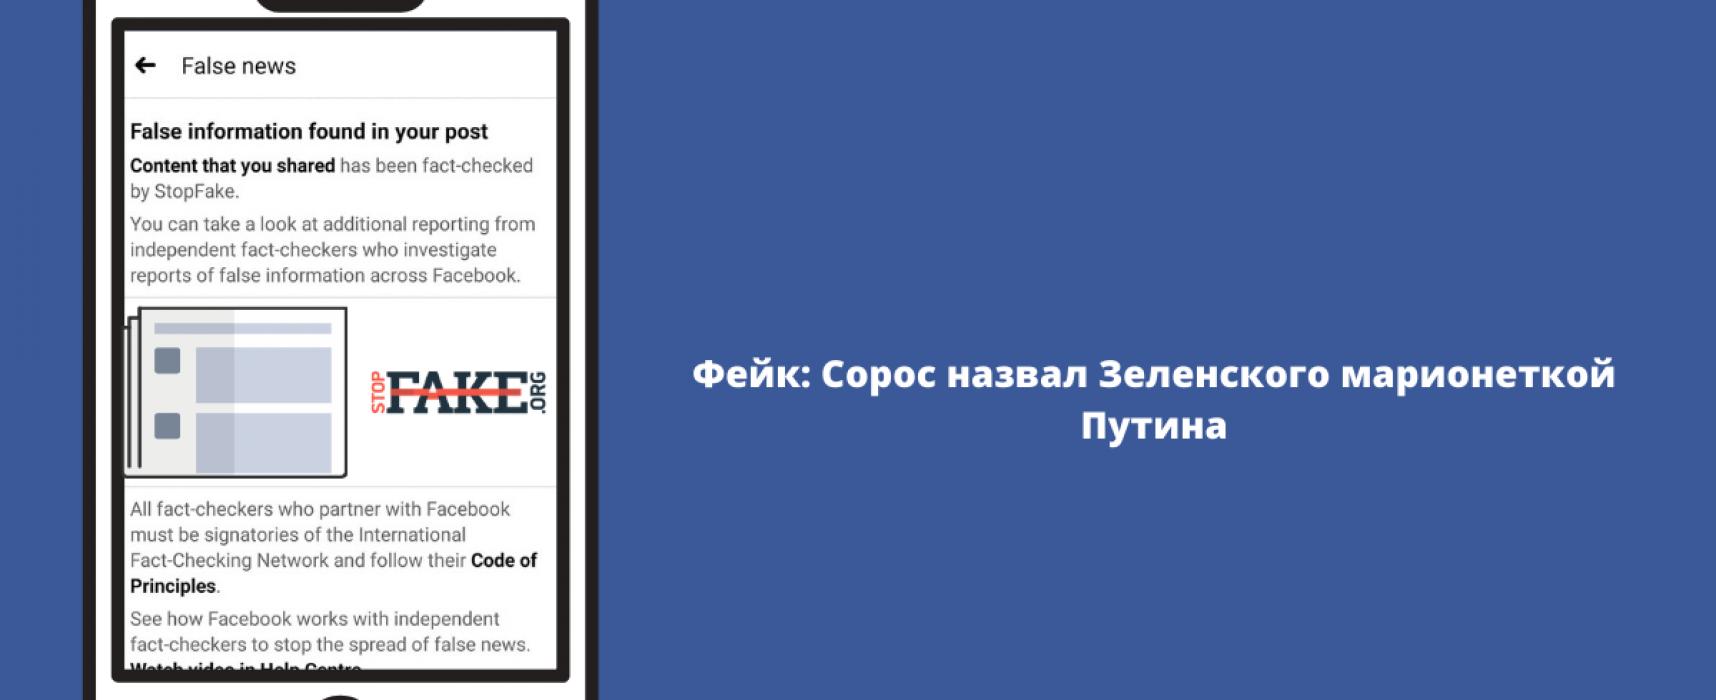 Фейк: Сорос назвал Зеленского марионеткой Путина